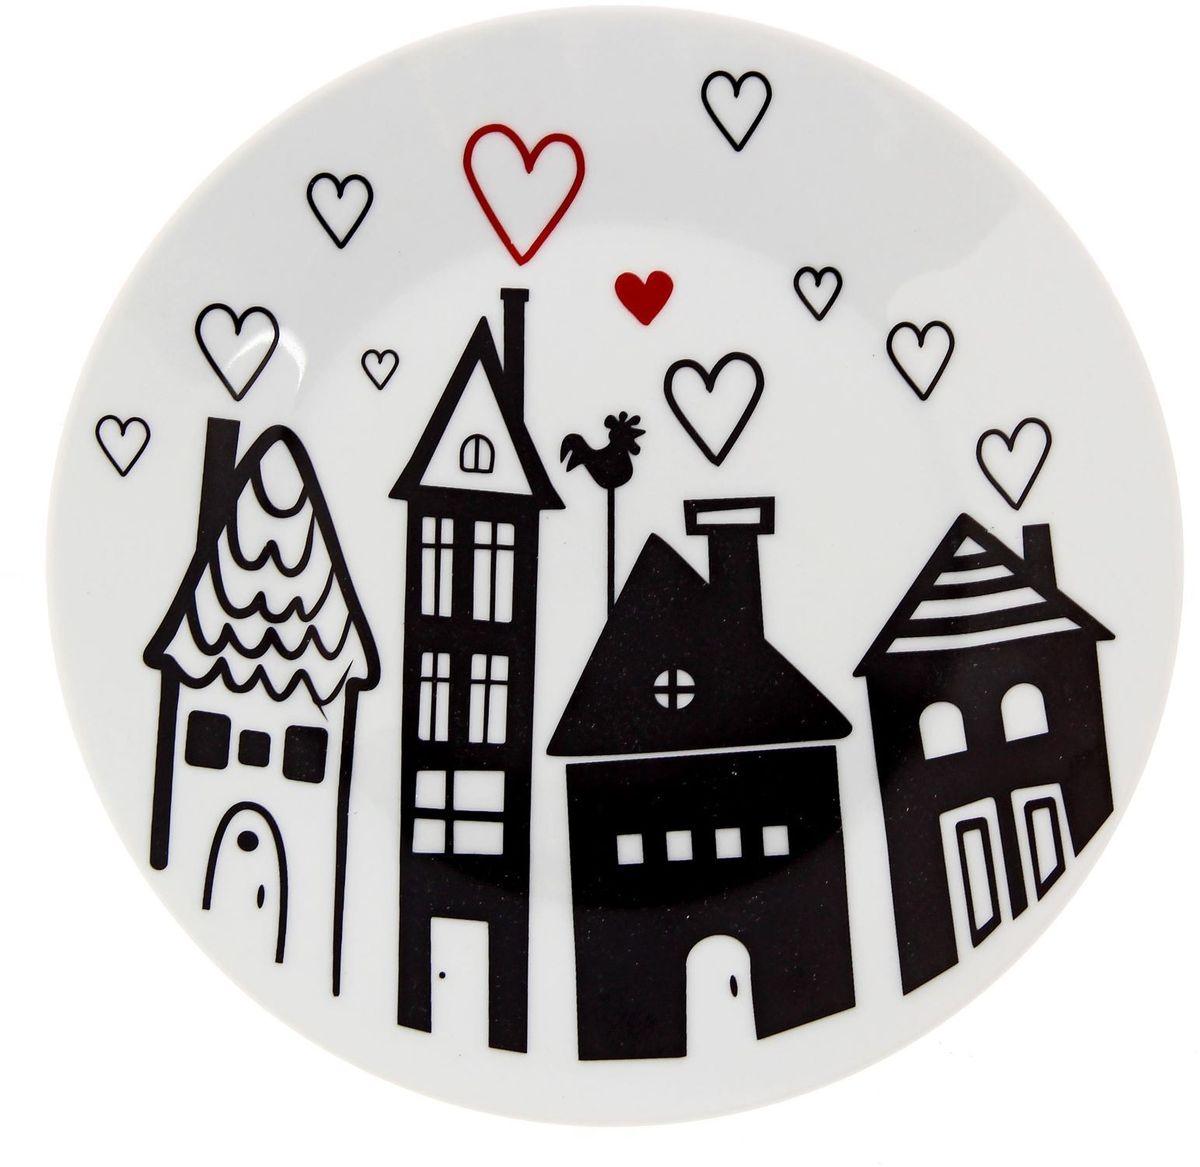 Тарелка мелкая Сотвори чудо Город любви, диаметр 20 см2277871Хотите обновить интерьер кухни или гостиной? Устраиваете необычную фотосессию или тематический праздник? А может, просто ищете подарок для близкого человека? Посуда Сотвори Чудо — правильный выбор в любой ситуации. Тарелка Сотвори Чудо, изготовленная из изящного фаянса нежного сливочного цвета, оформлена оригинальным рисунком со стойкой краской. Пригодна для посудомоечной машины.